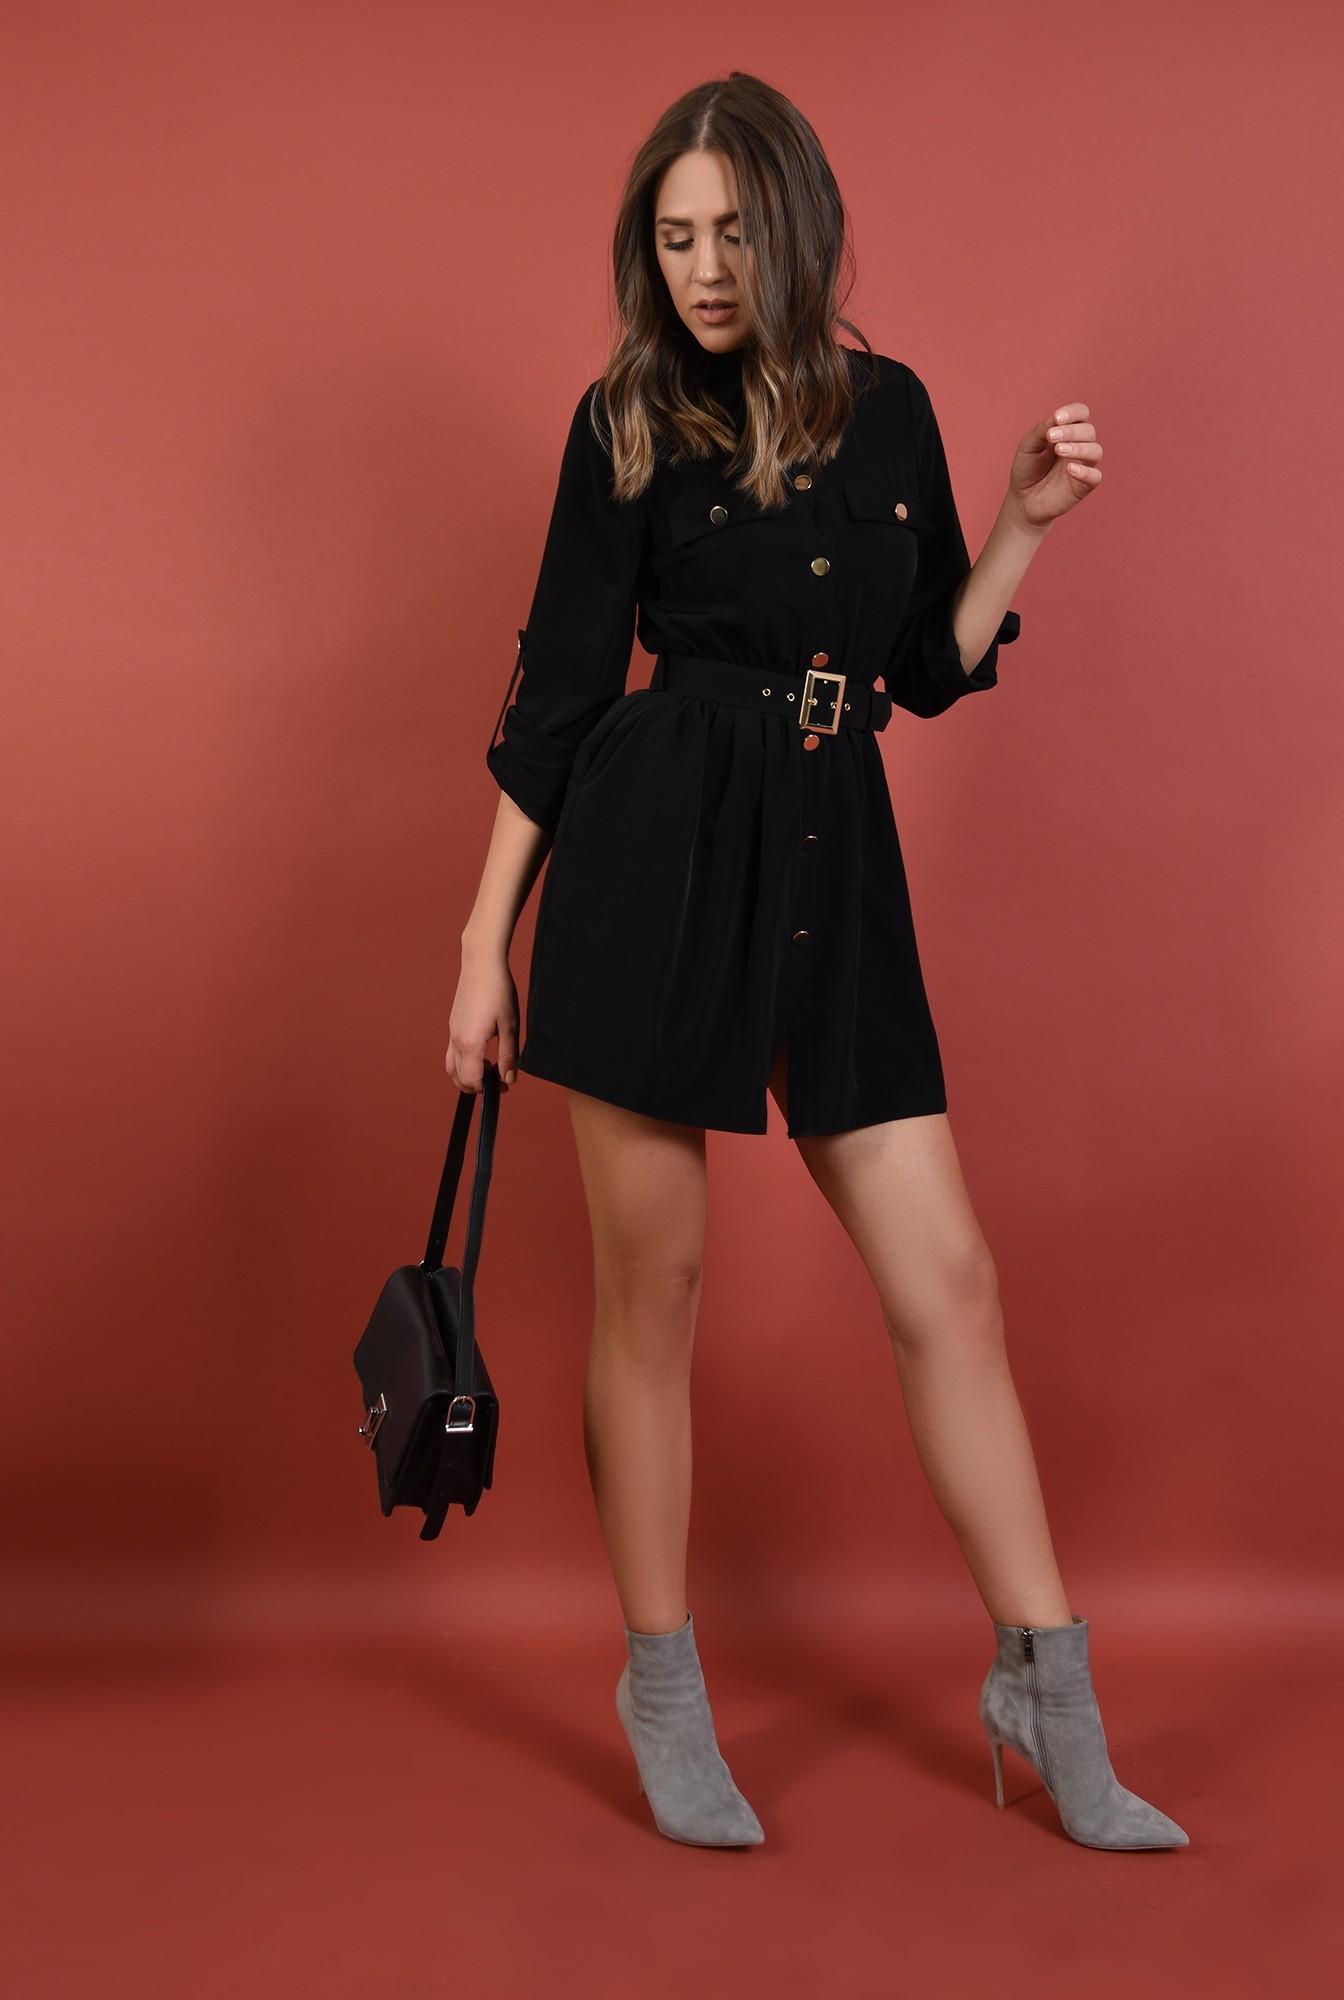 0 - rochie casual, neagra, scurta, maneci midi cu mansete, cu centura